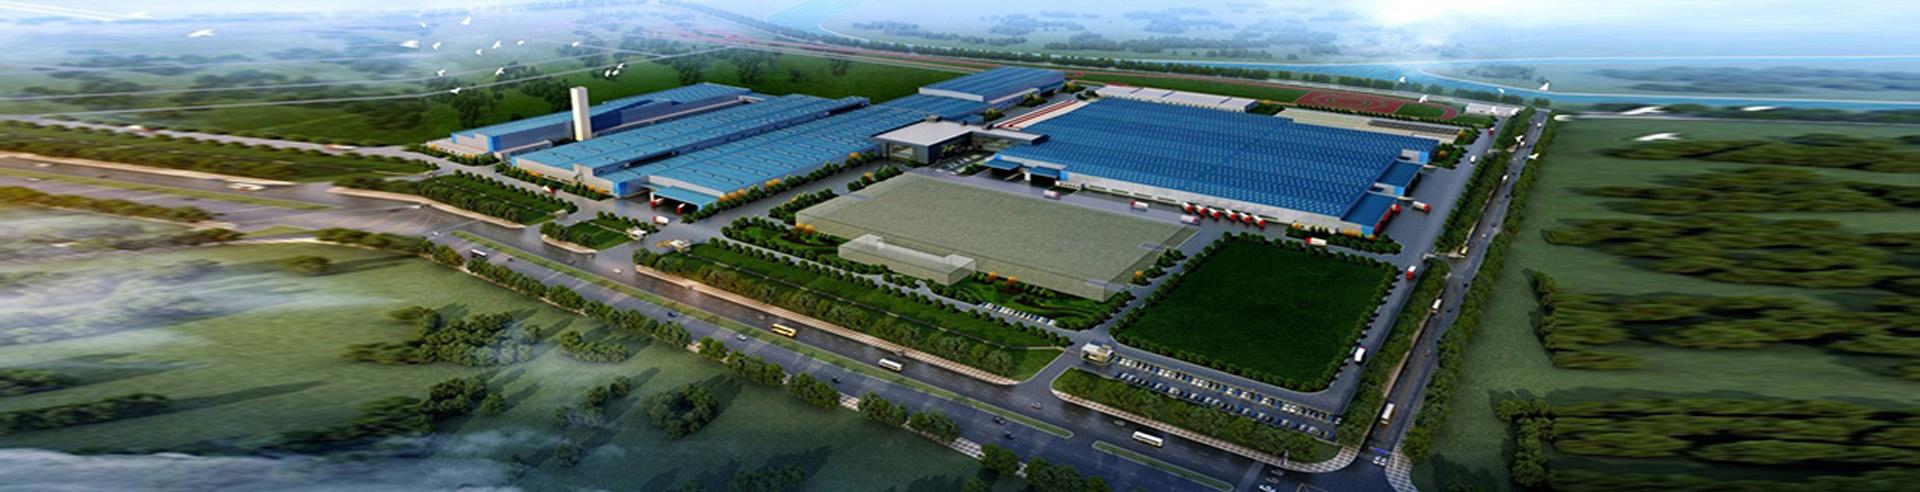 克莱斯勒汽车(广州)工厂质量中心/工程焊装车间/总装车间